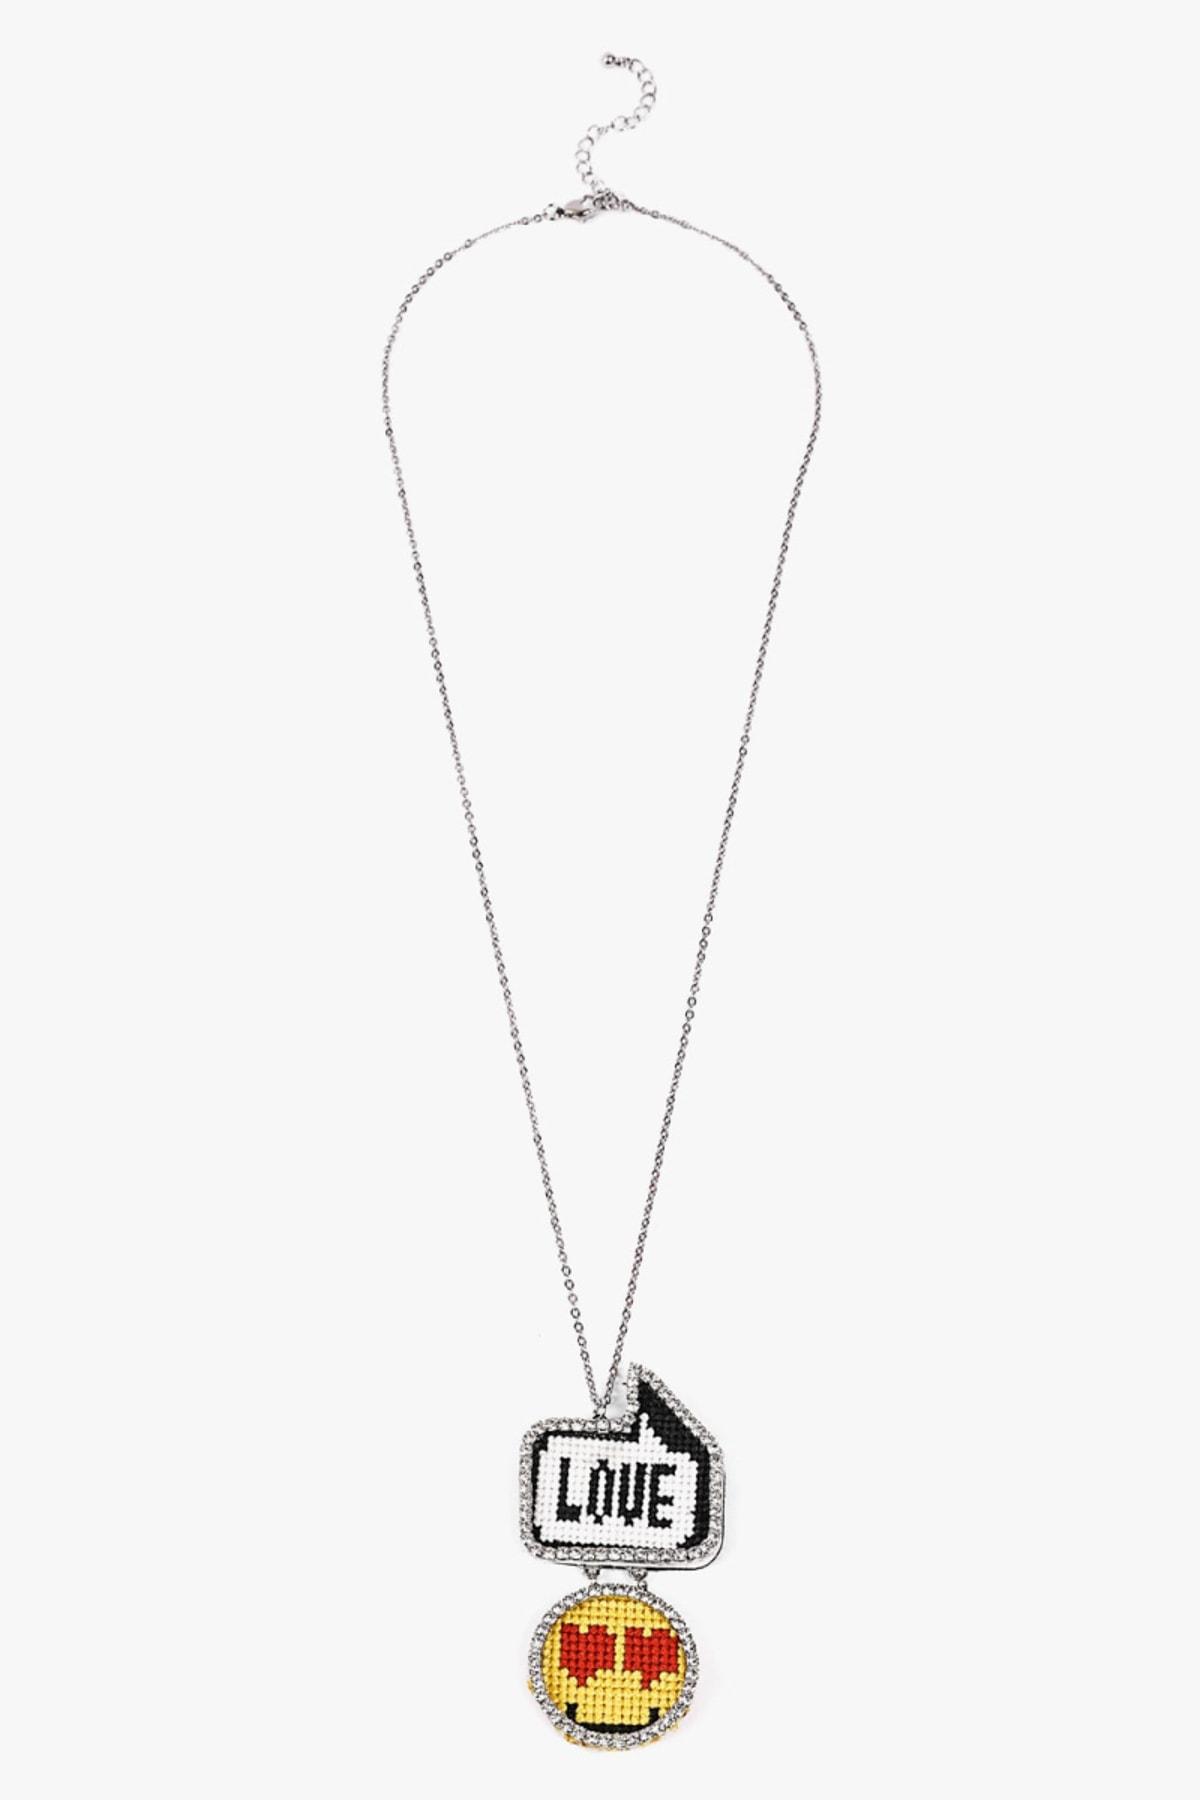 Twist Kadın Gümüş Emoji Uçlu Uzun Kolye TS1200051055122 1